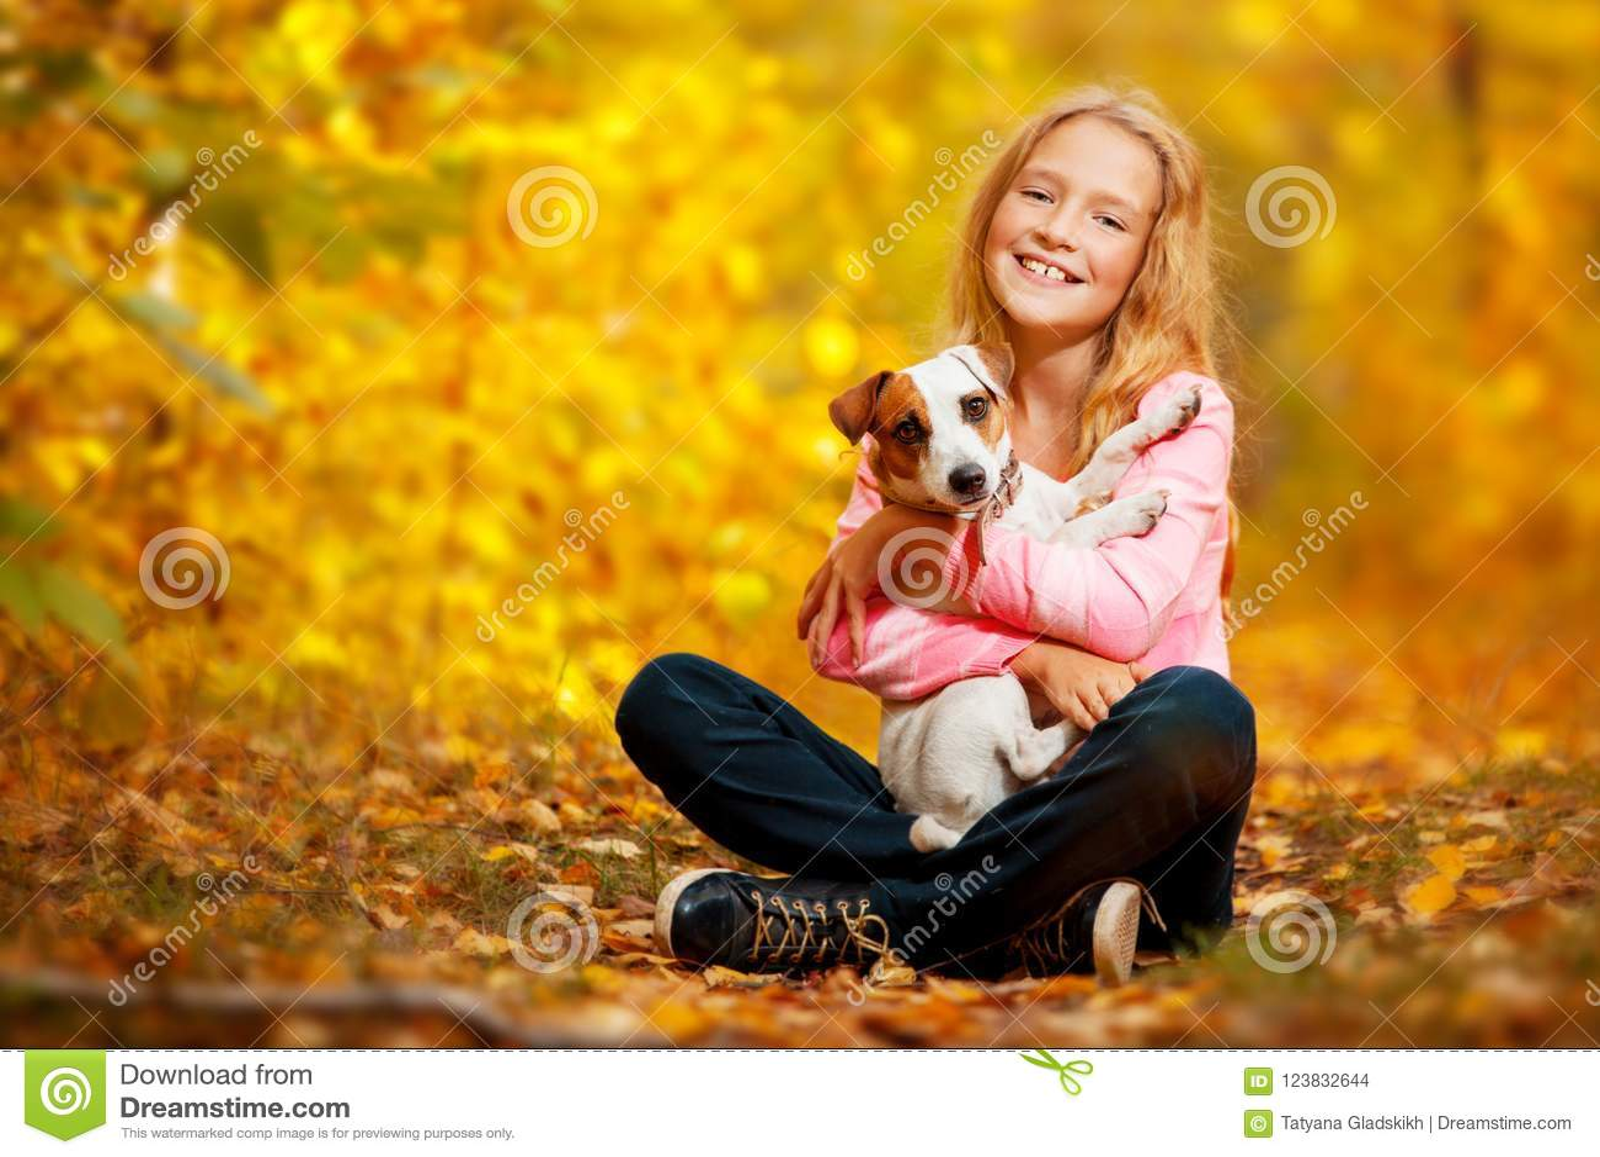 Glückliches Mädchen mit Hund am Herbst